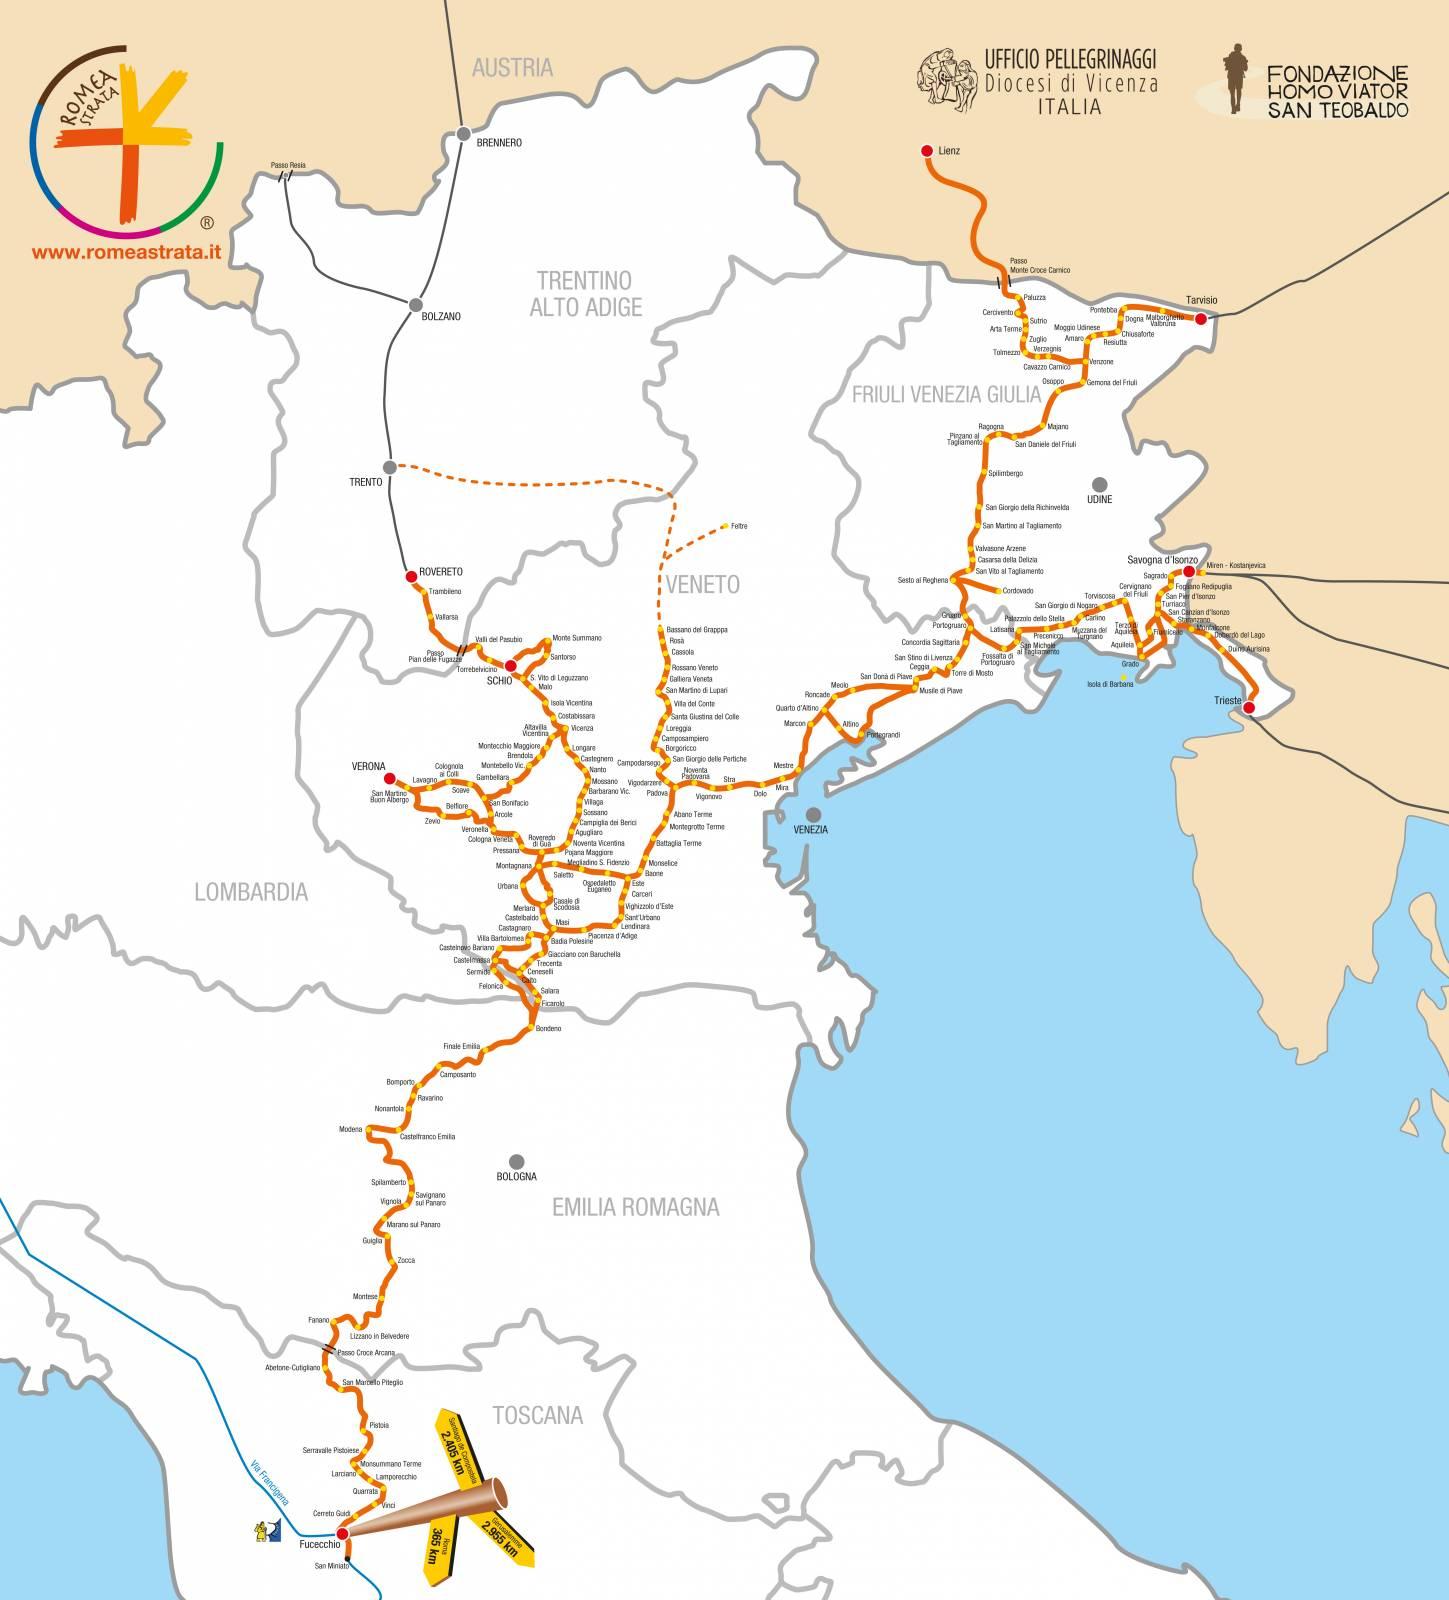 Cartina Italia Romea Strata